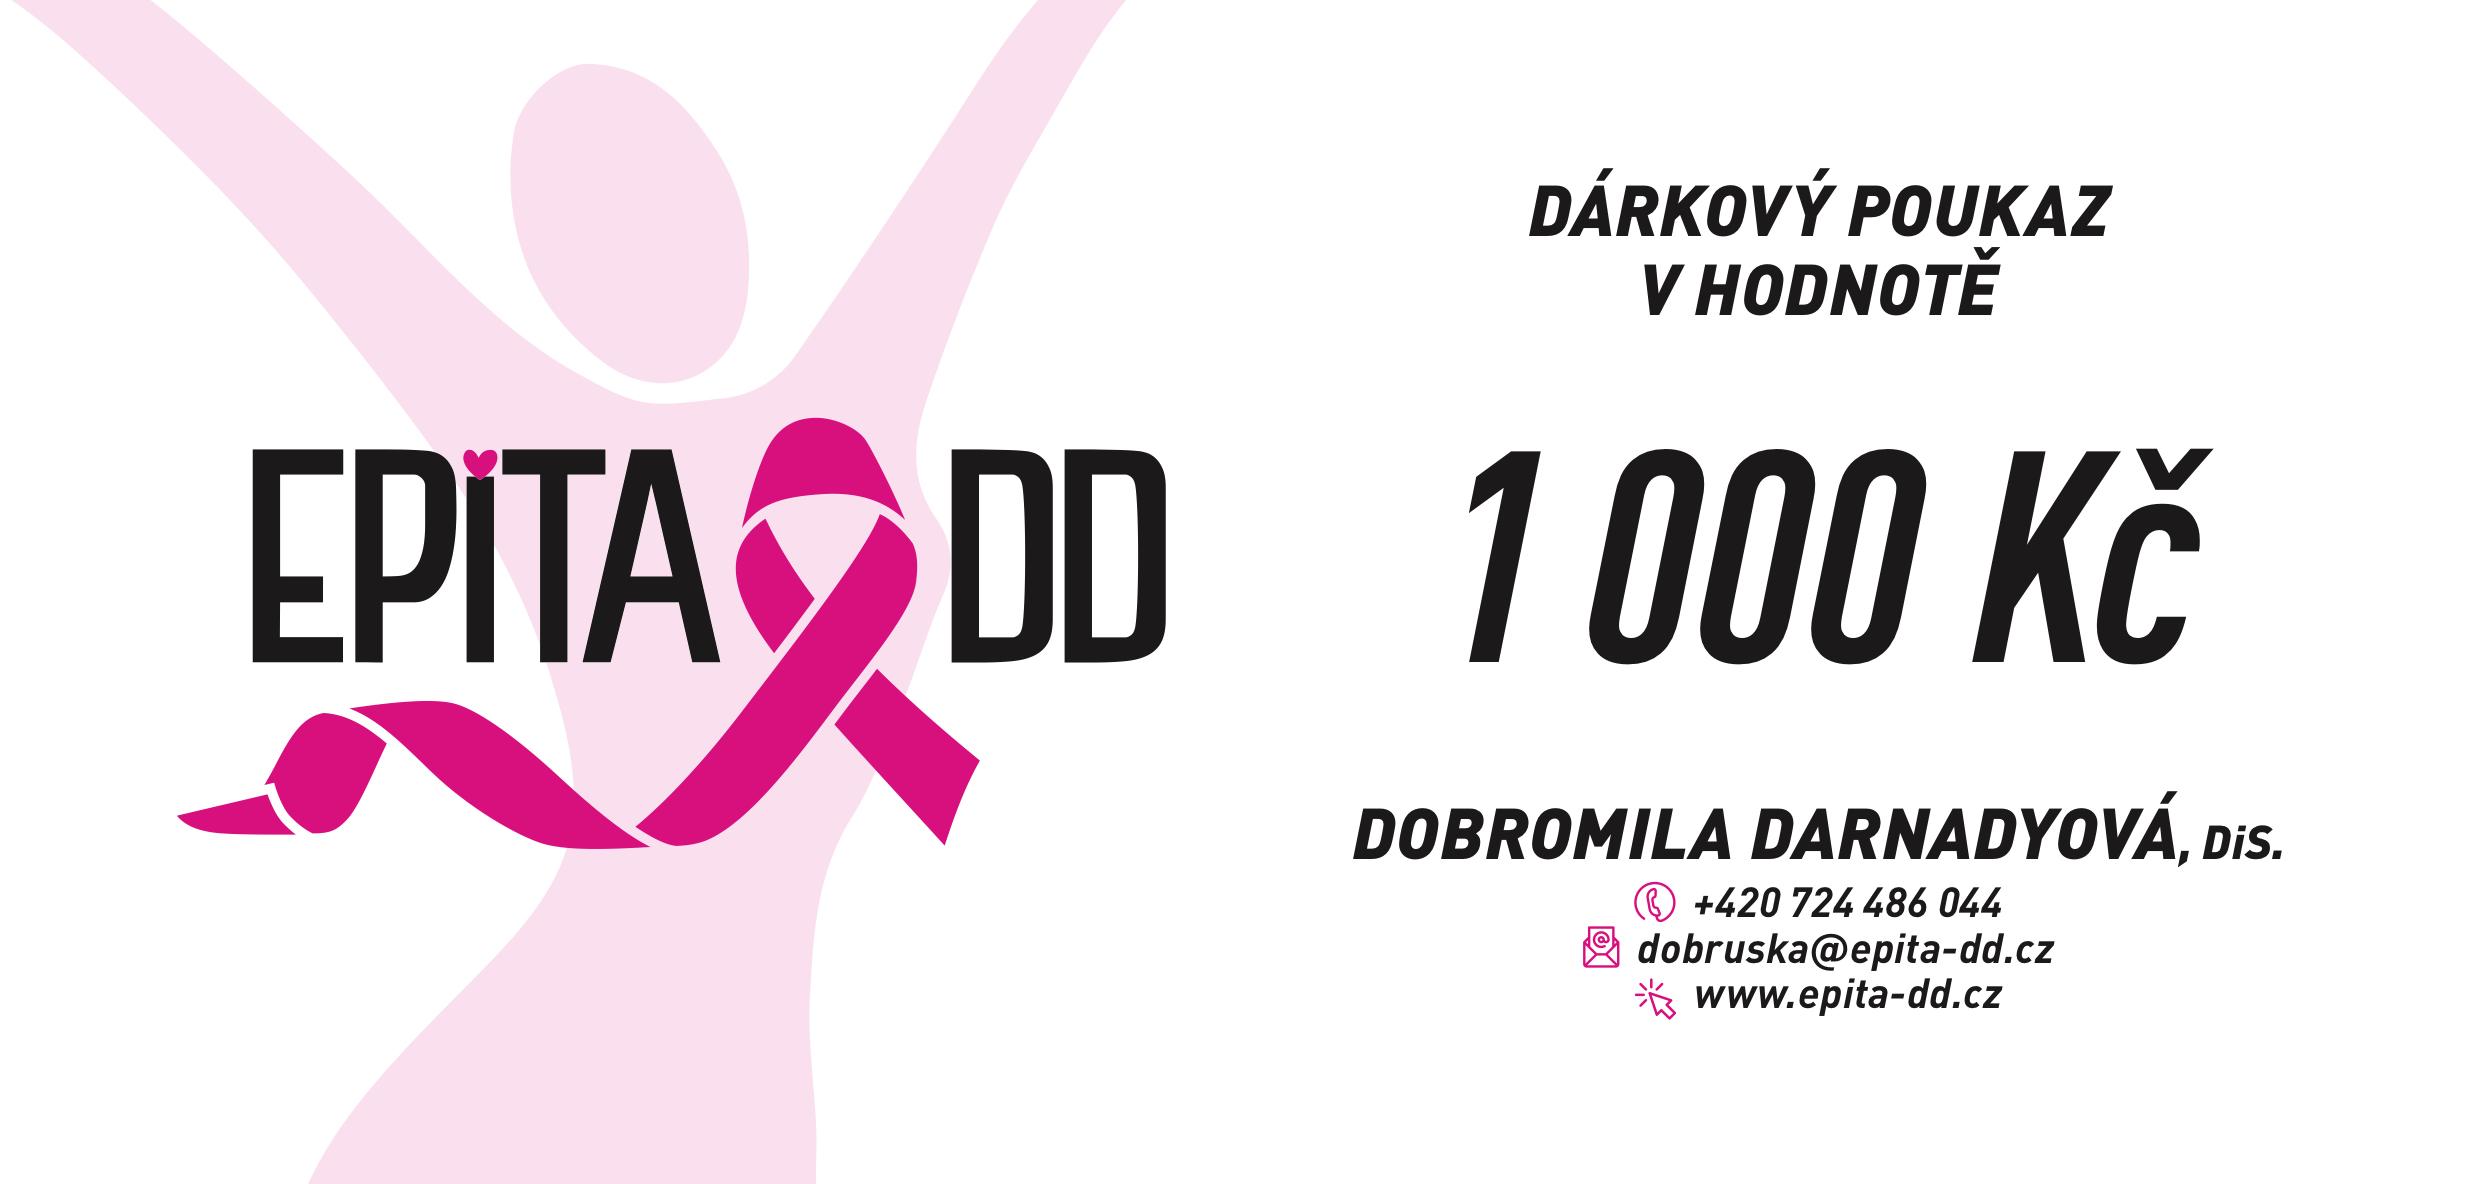 DARKOVY-POUKAZ-1000KC-DOBROMILA-DARNADYOVA-EPITA-DD